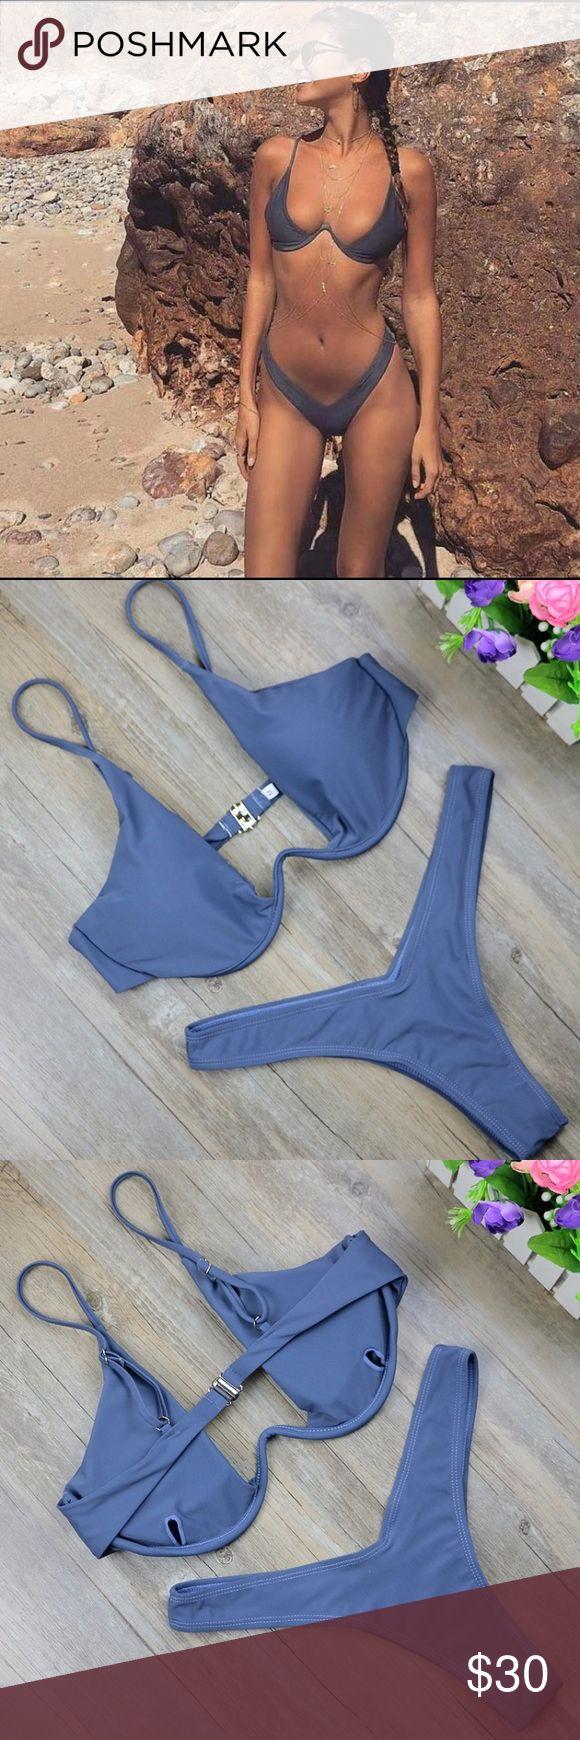 COMING SOON!! Coming in stock soon! Grayish blue color Swim Bikinis